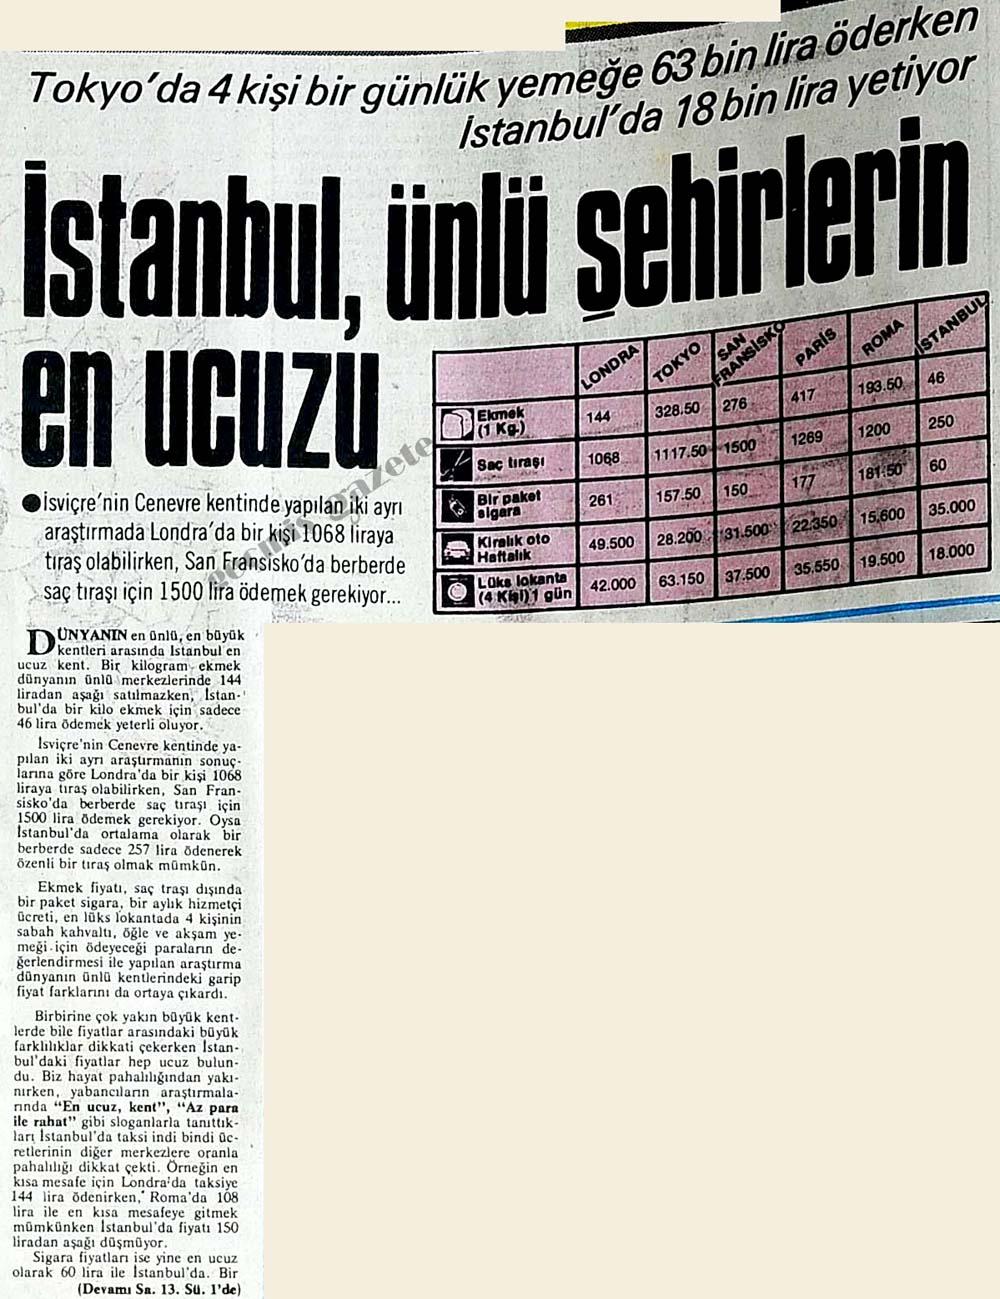 İstanbul, ünlü şehirlerin en ucuzu